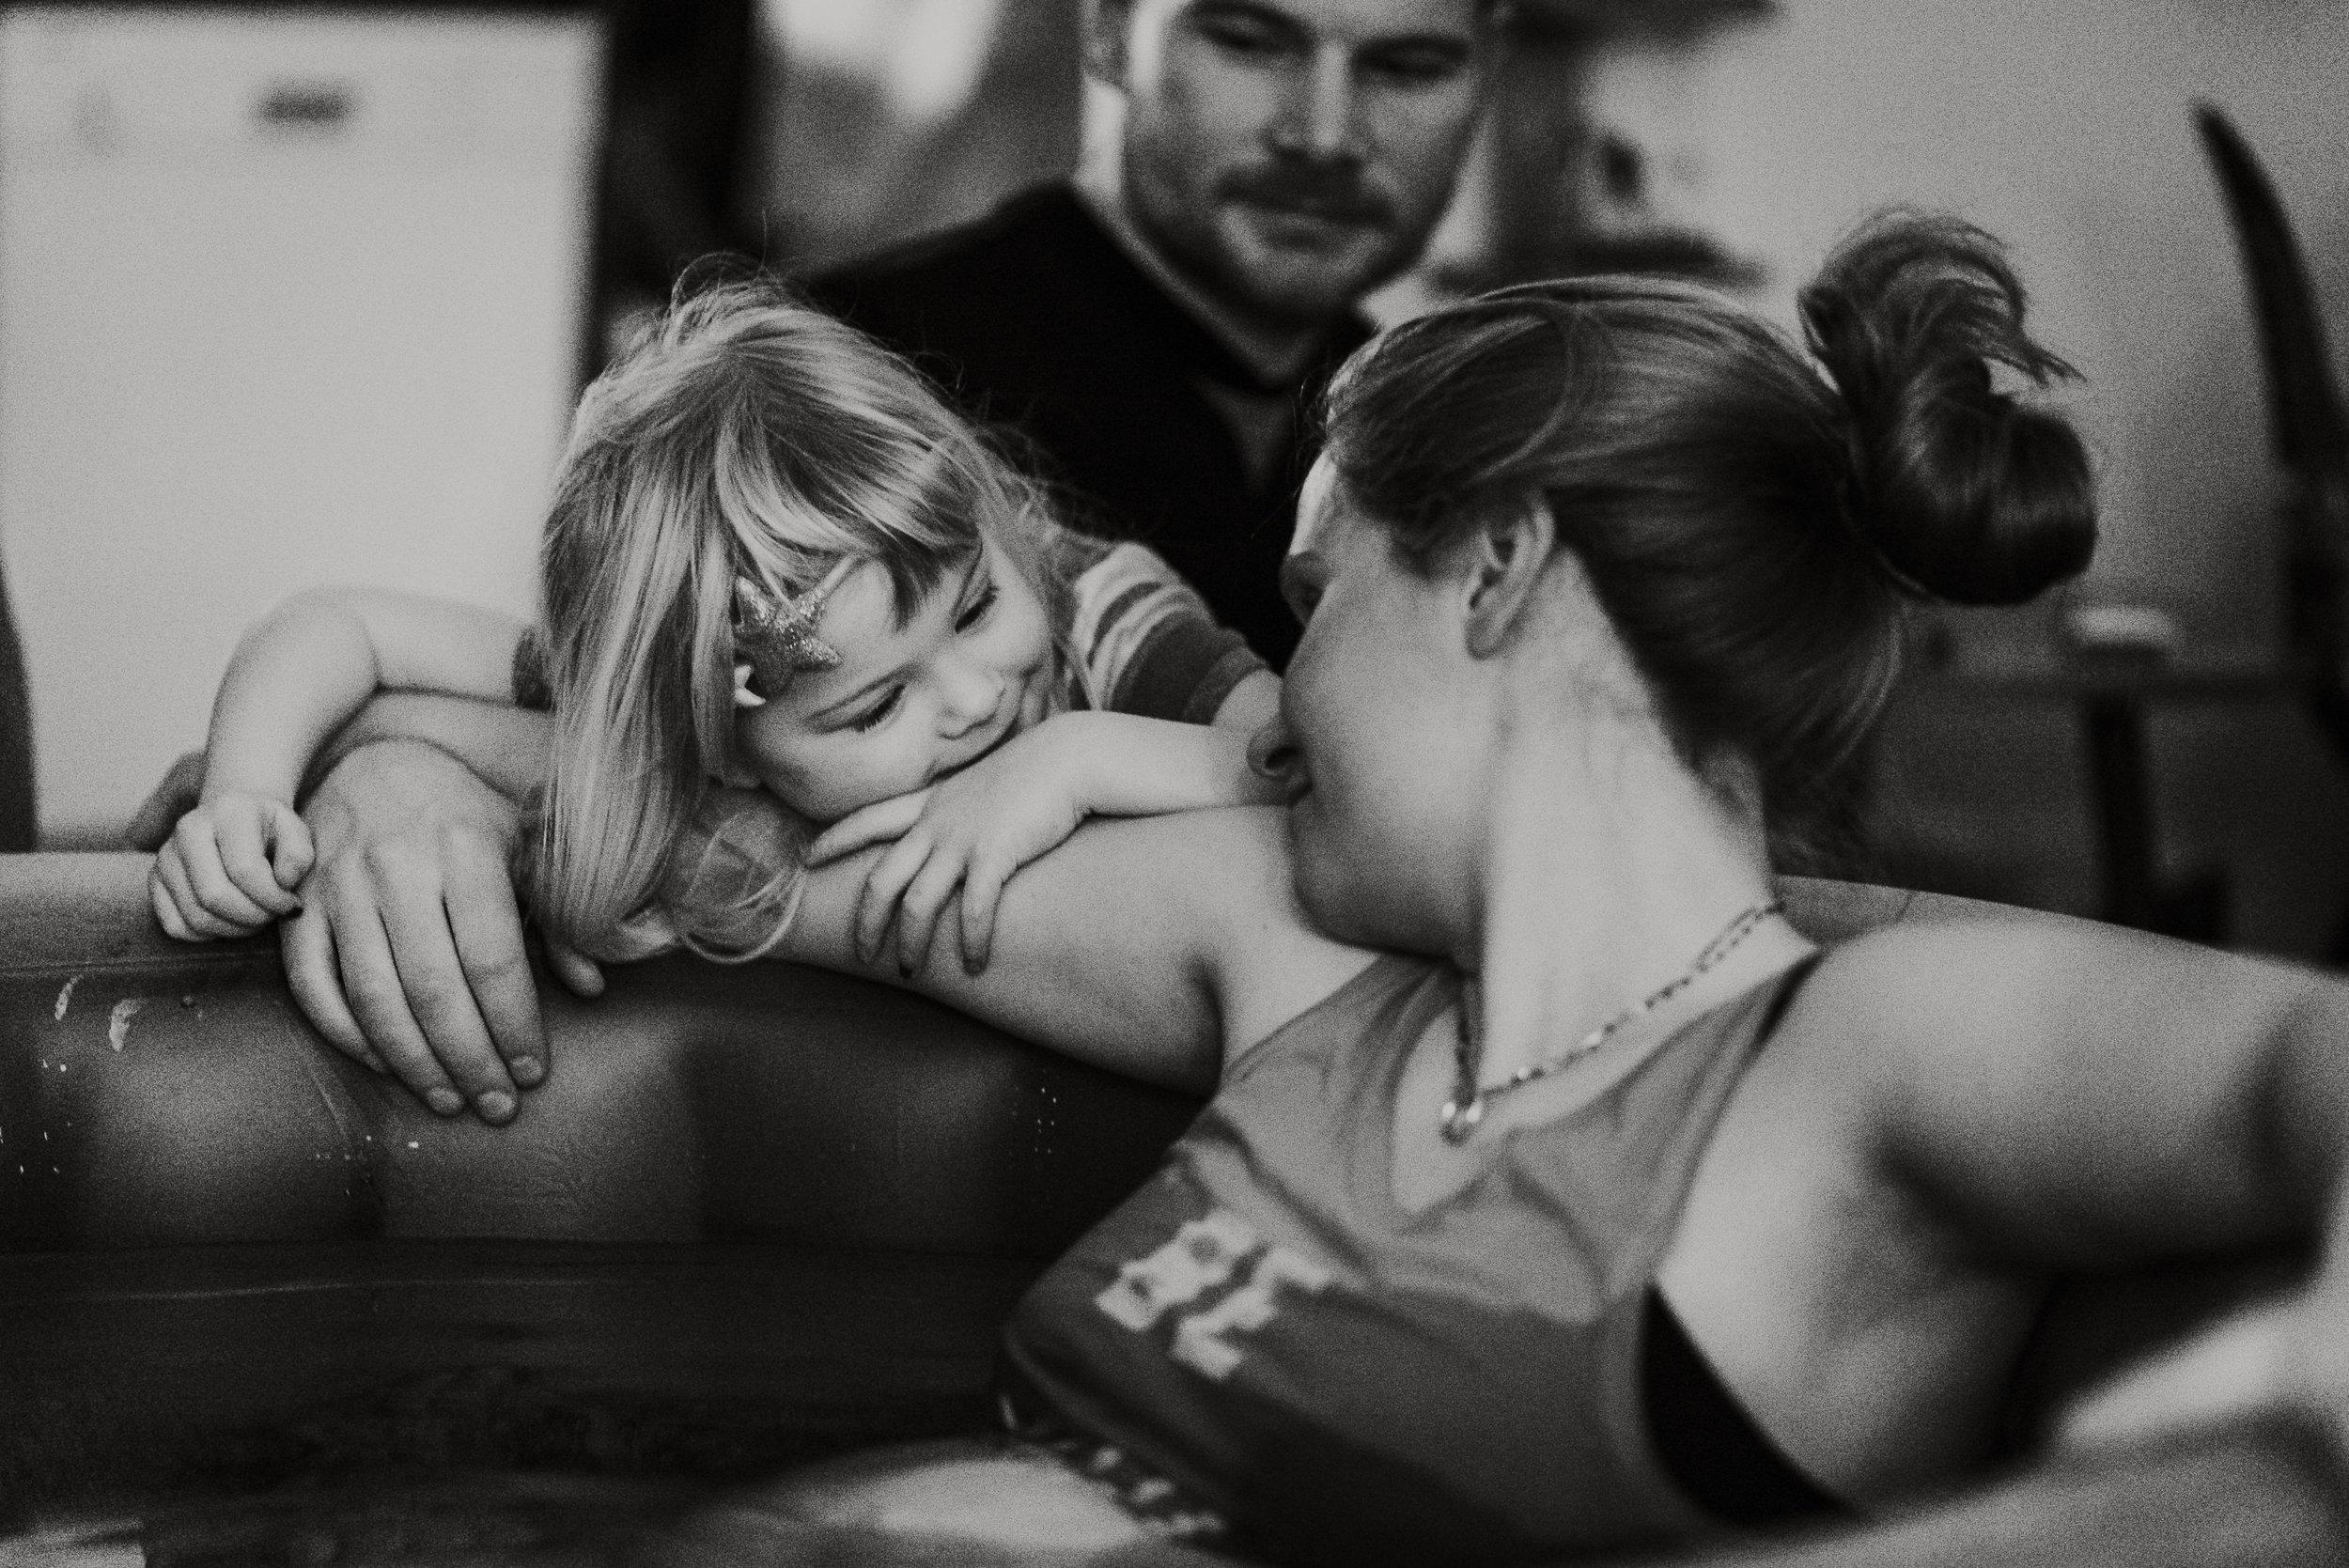 fødselsfotograf-oslo-kongsberg-nyfødtfotograf-maria-vatne-5.jpg